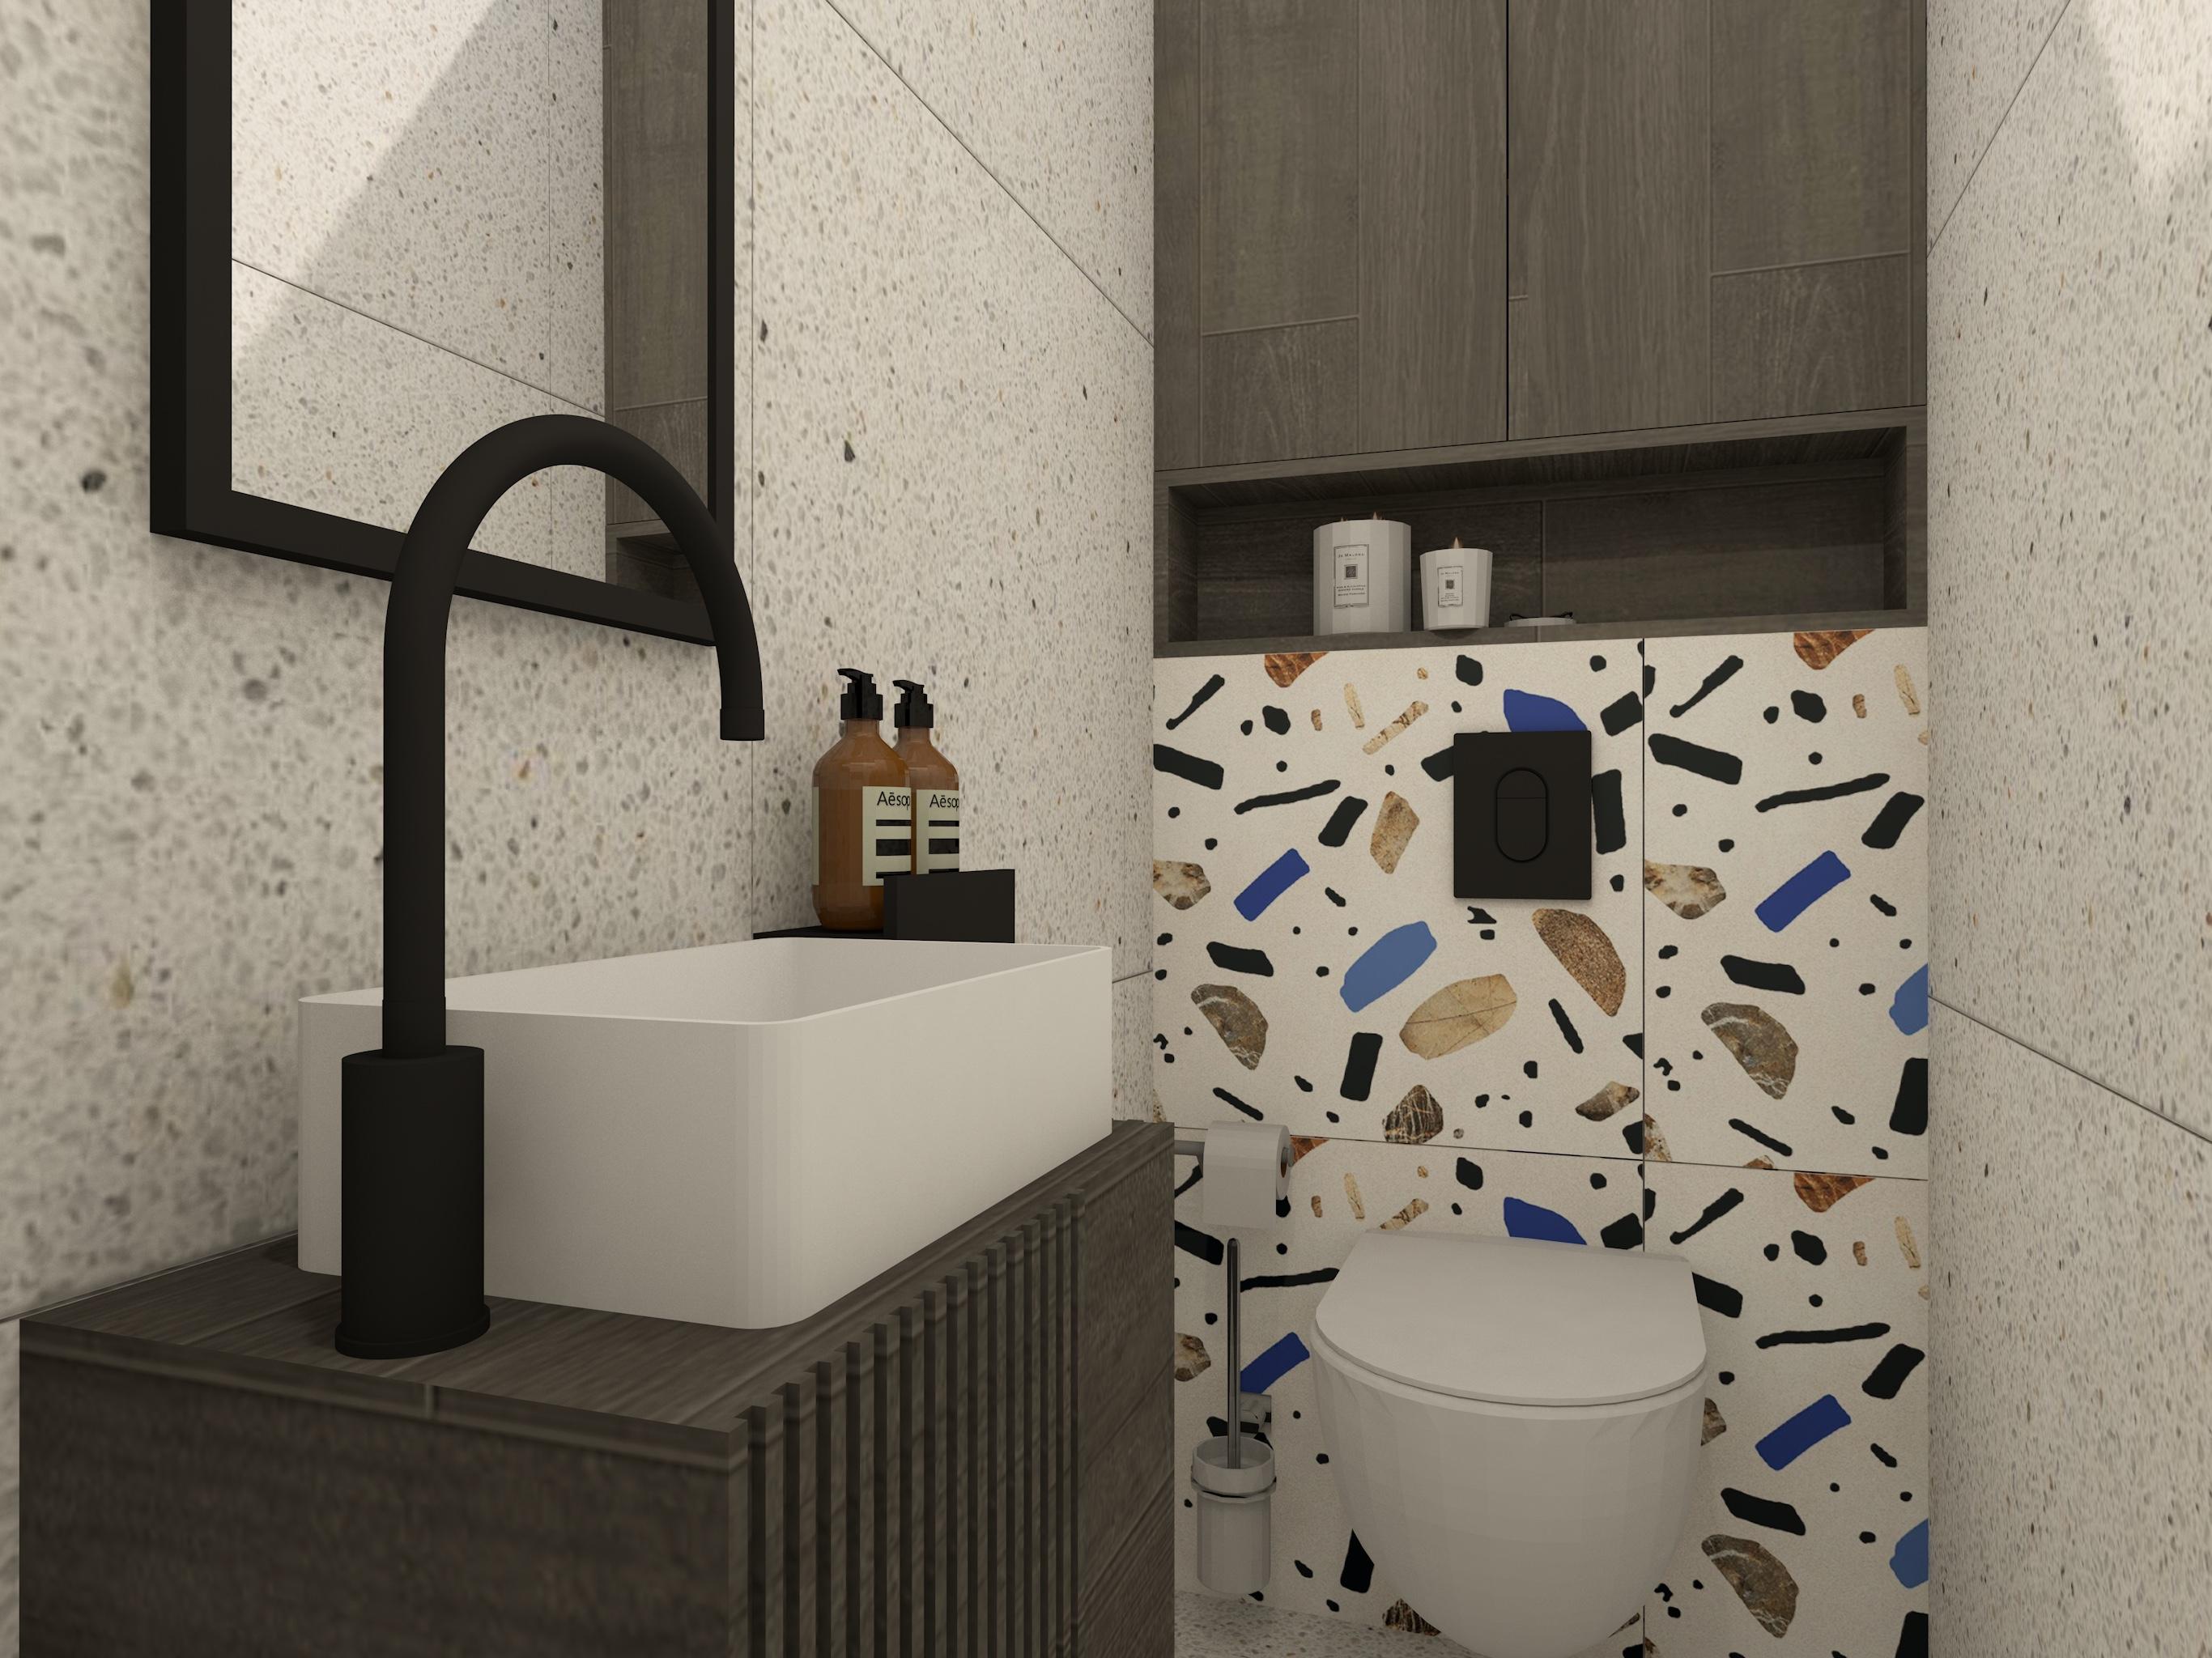 Projekt małej toalety w bloku z płytkami w stylu lastryko i czarnymi elementami